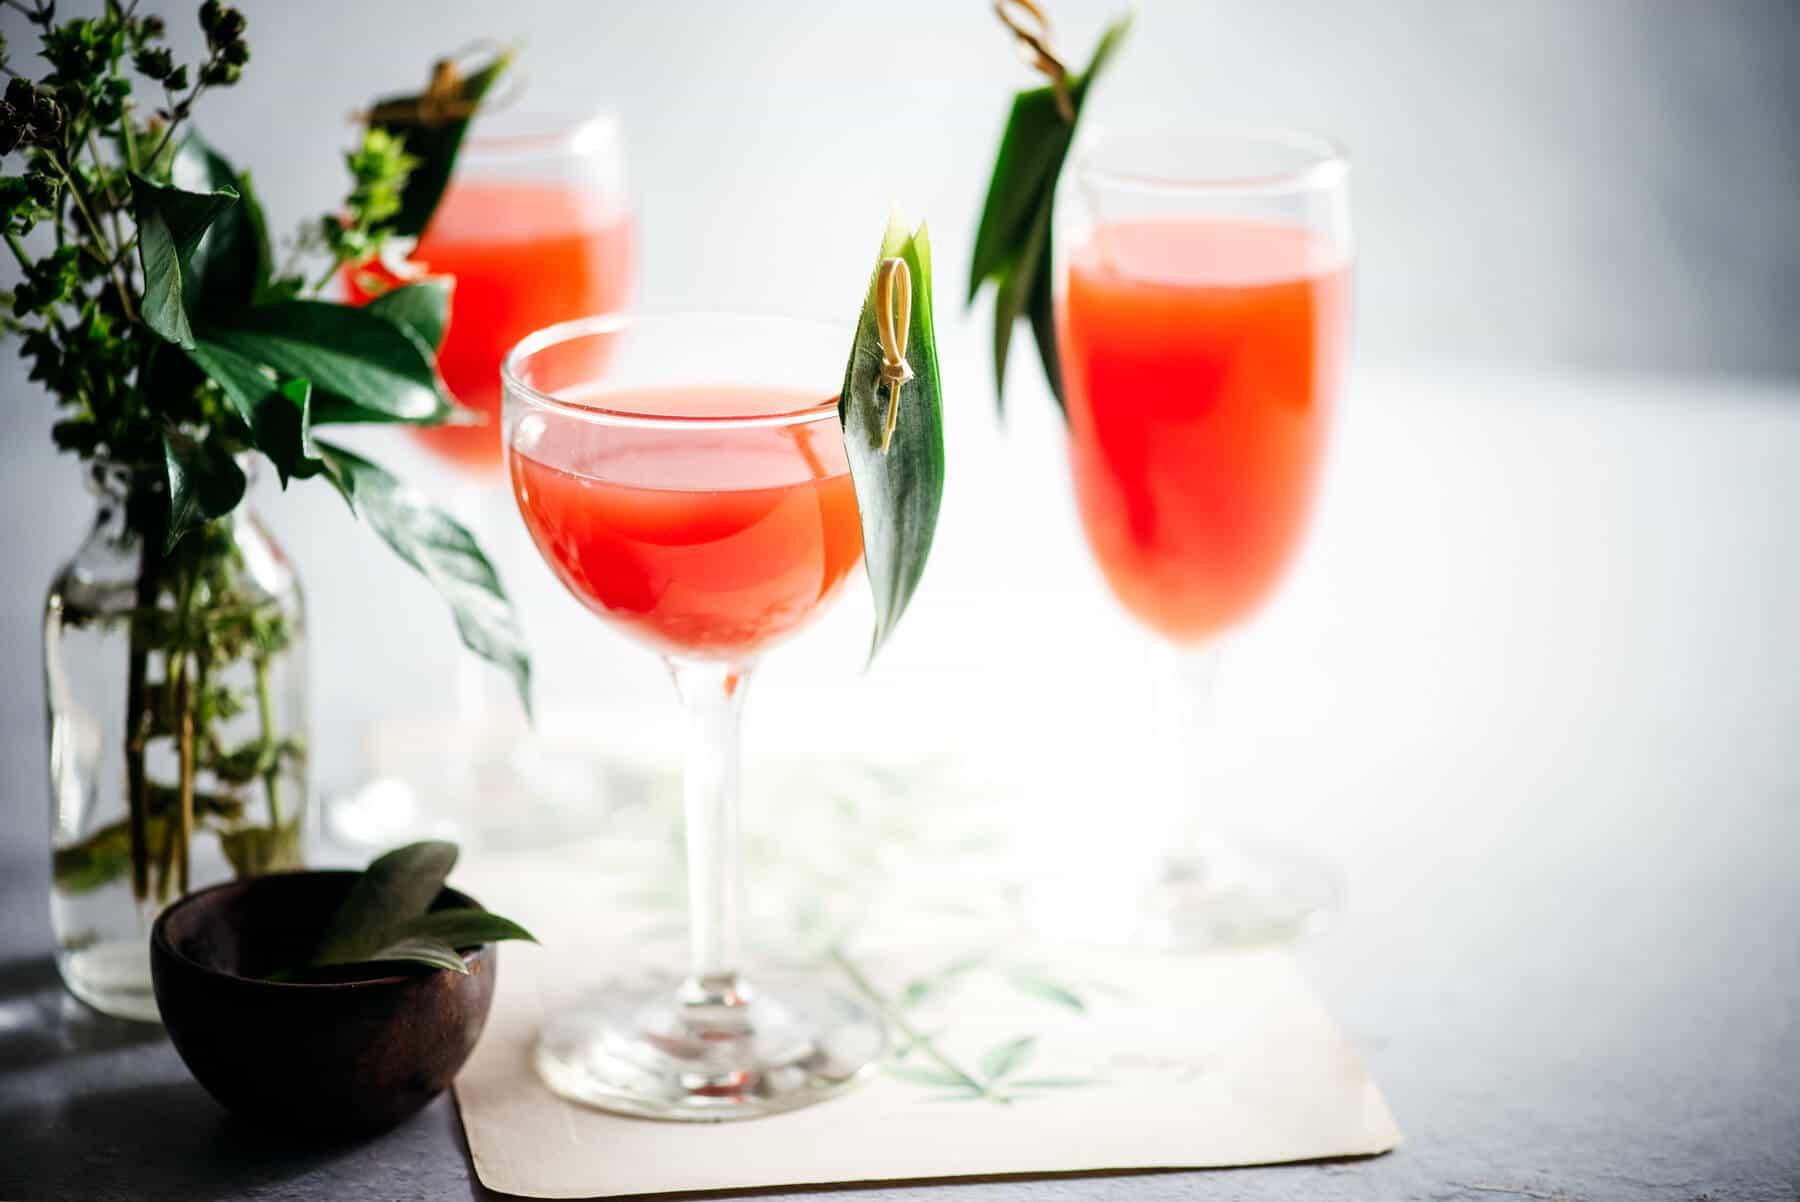 Serving summer cocktails